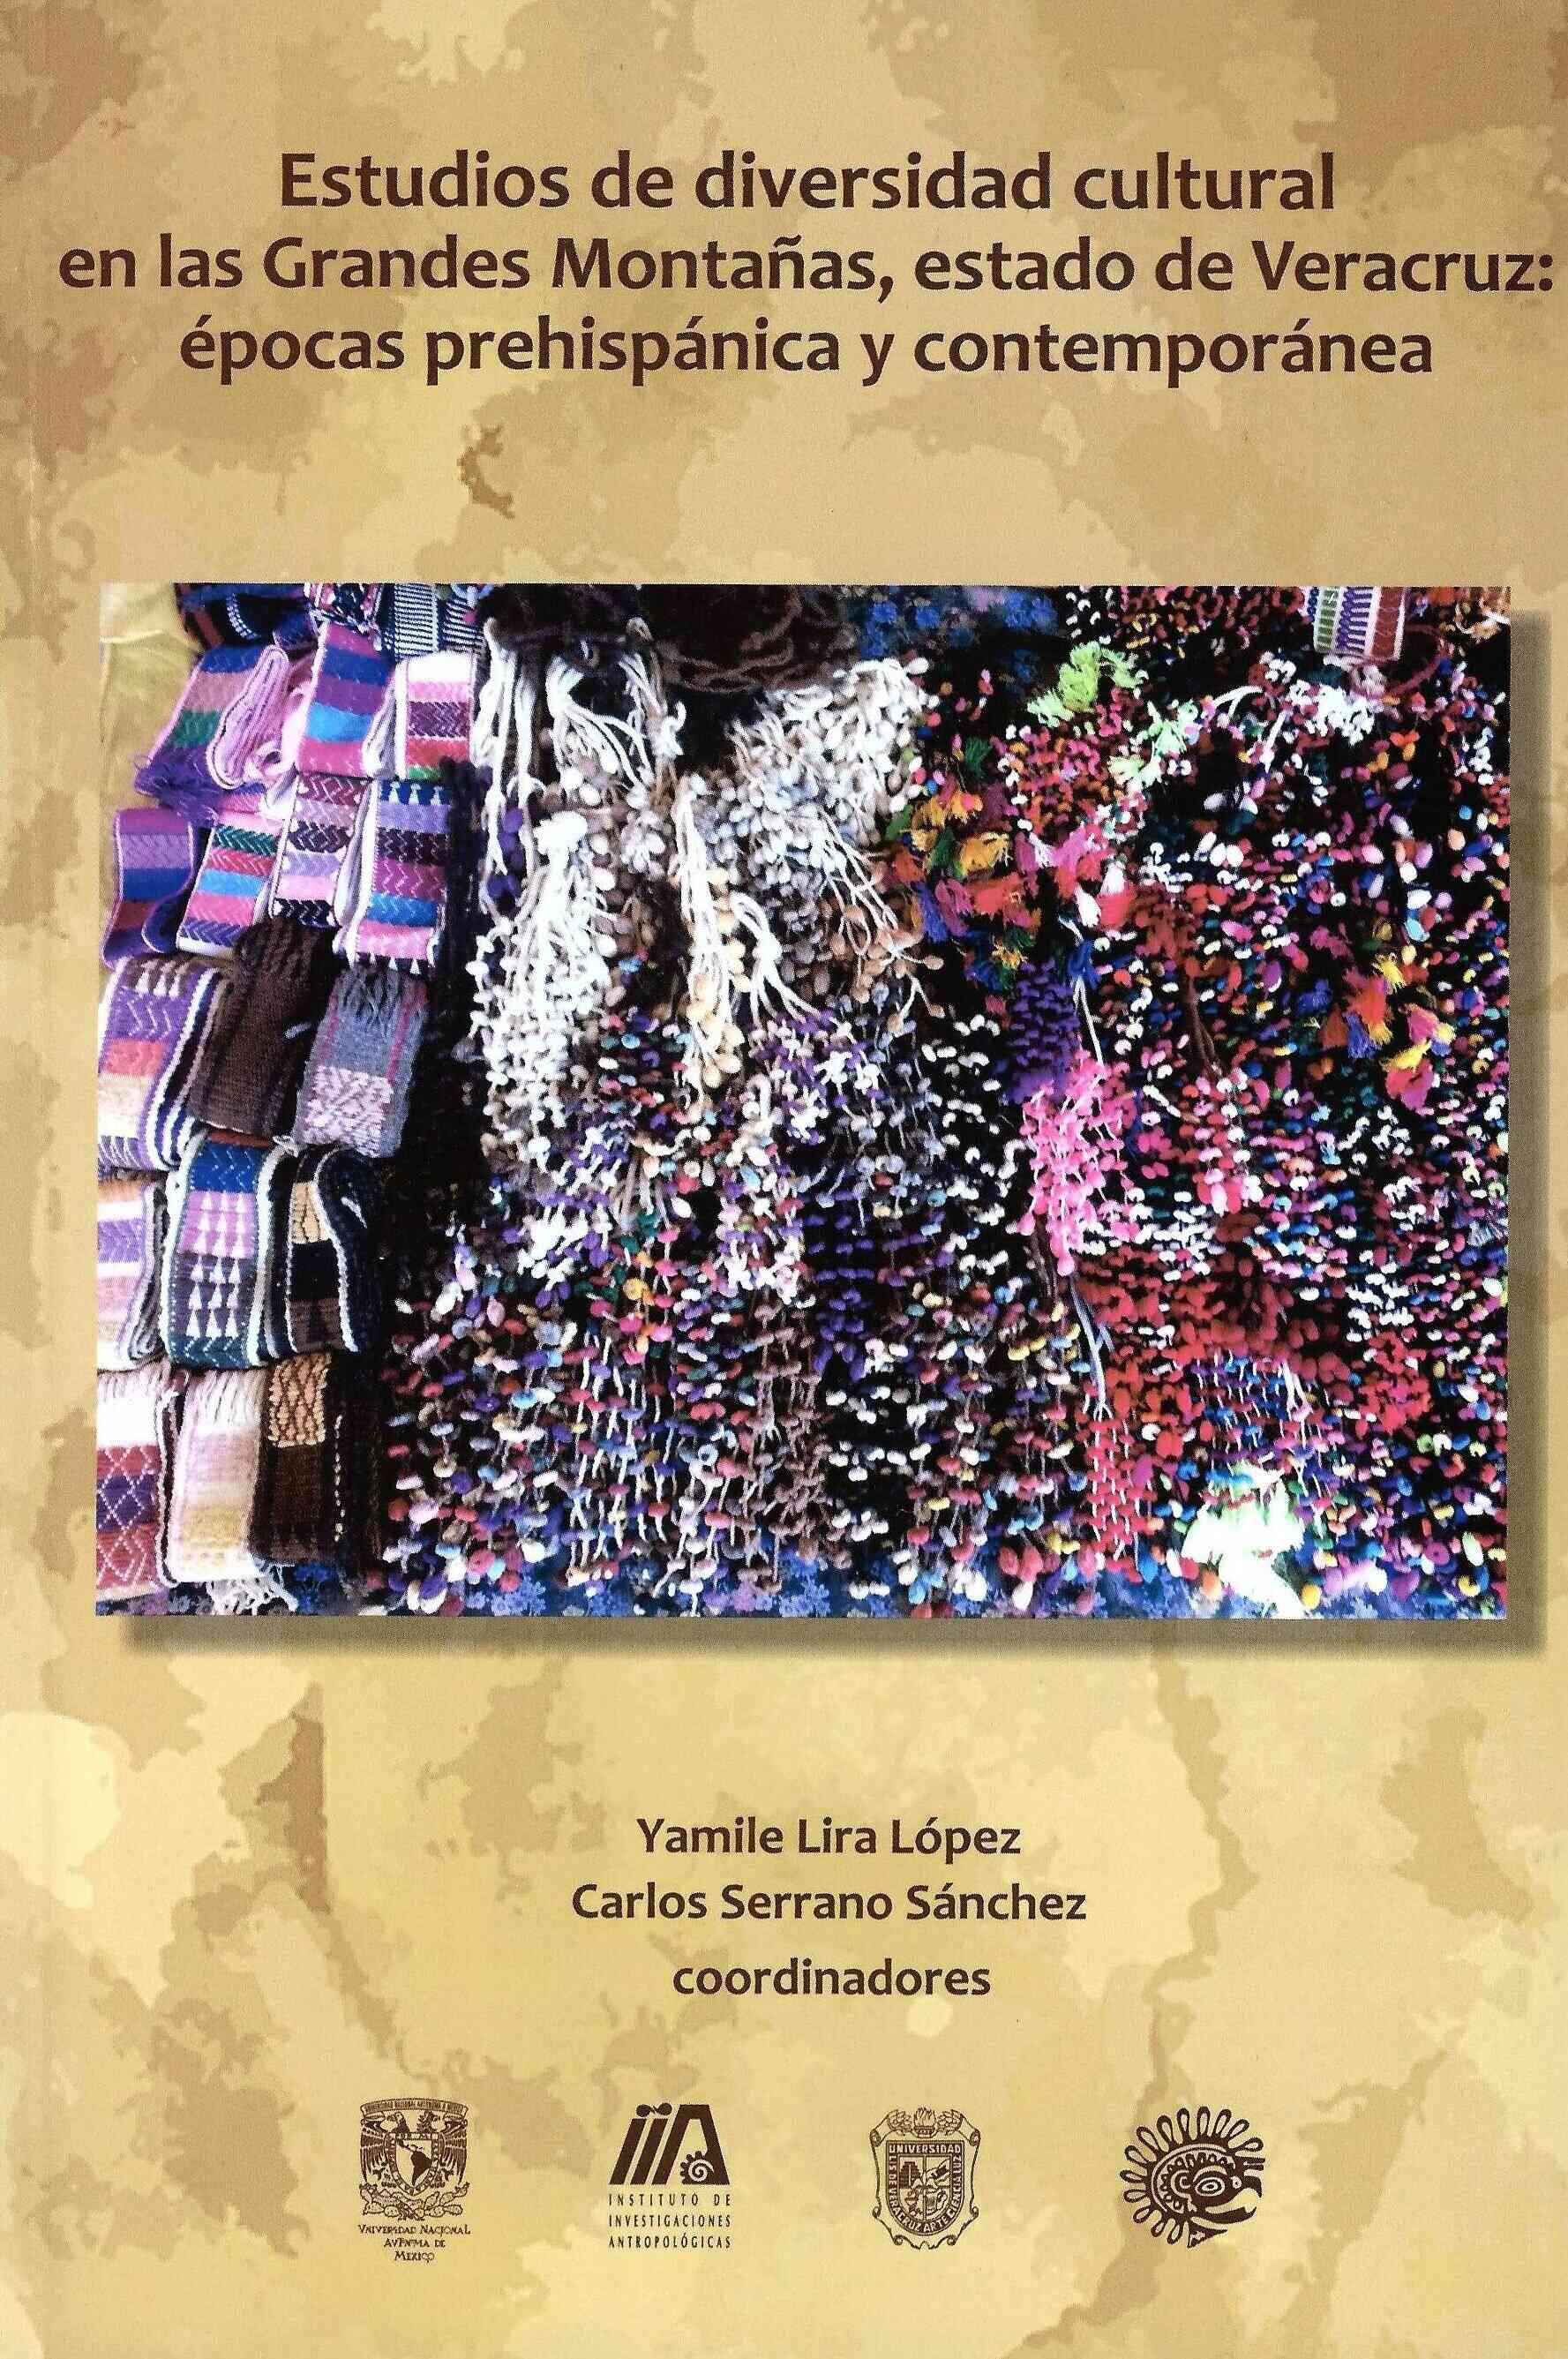 Estudios de diversidad cultural en las grandes montañas, estado de Veracruz: épocas prehispánica y